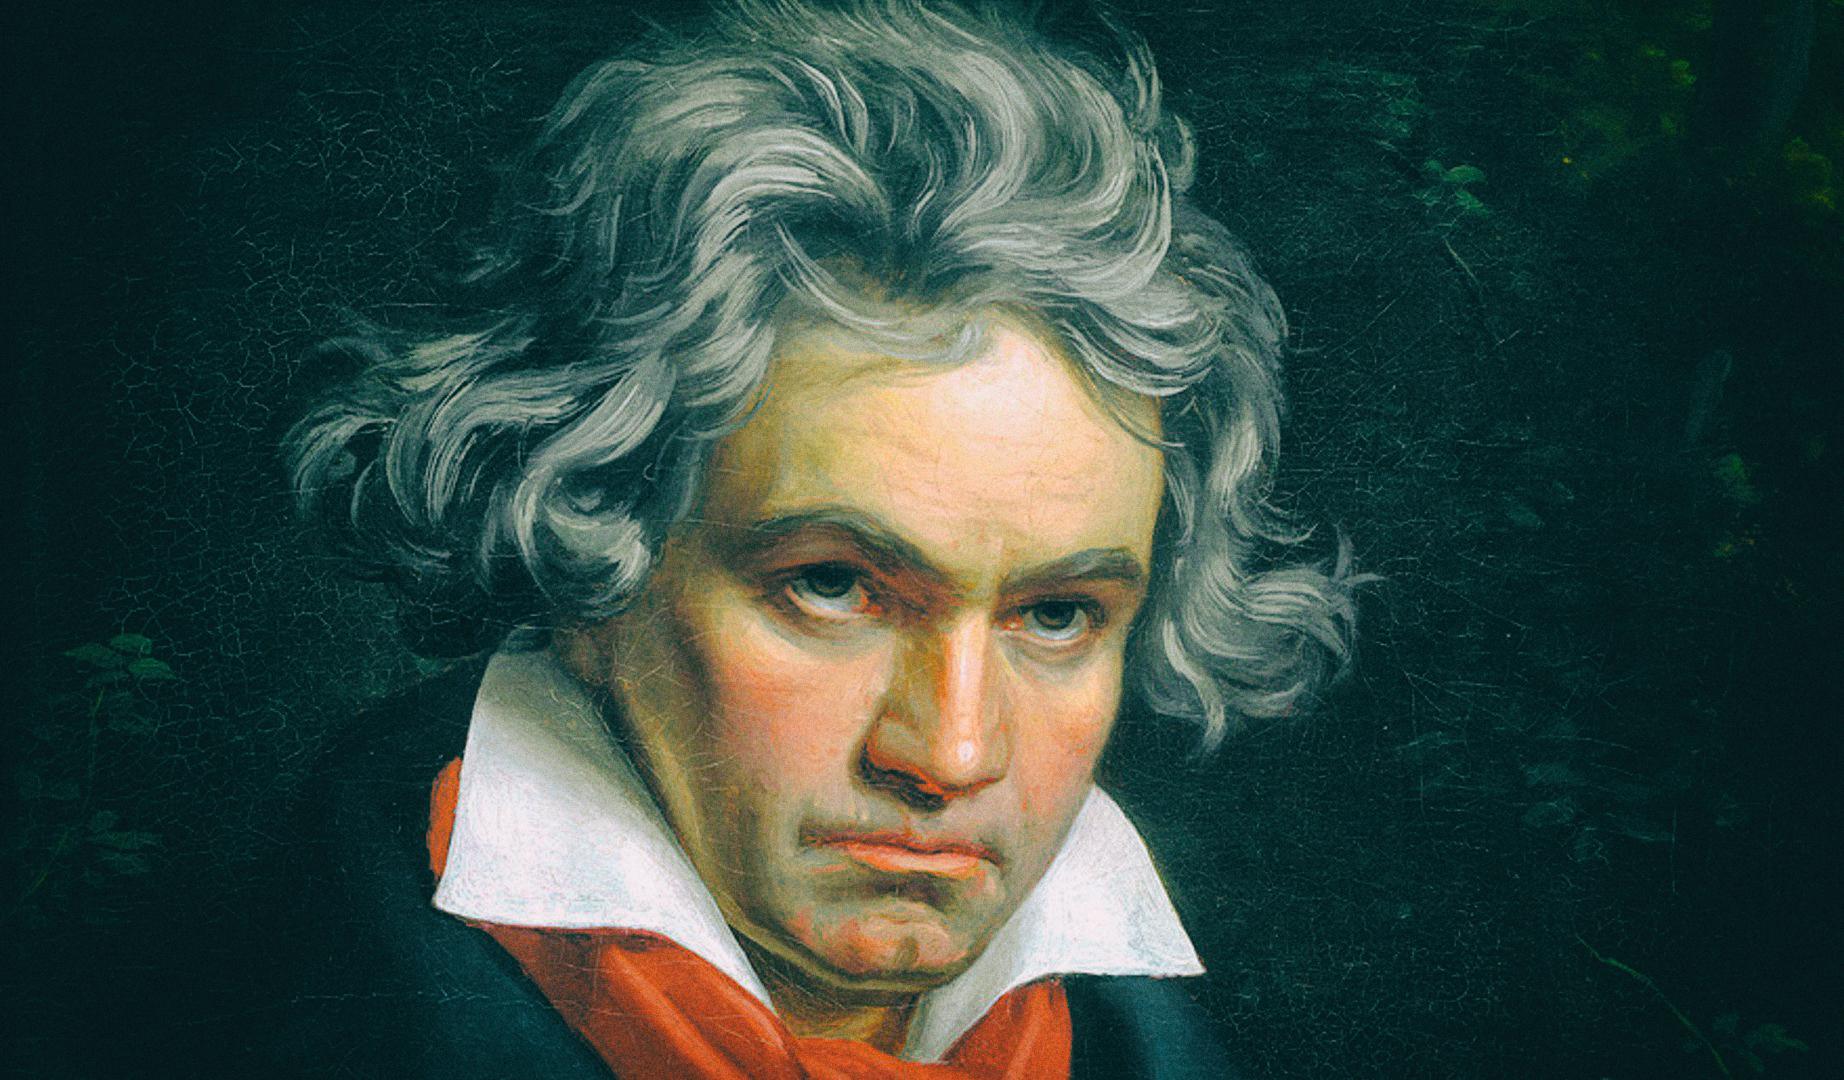 Искусственный интеллект допишет неоконченную симфонию Бетховена